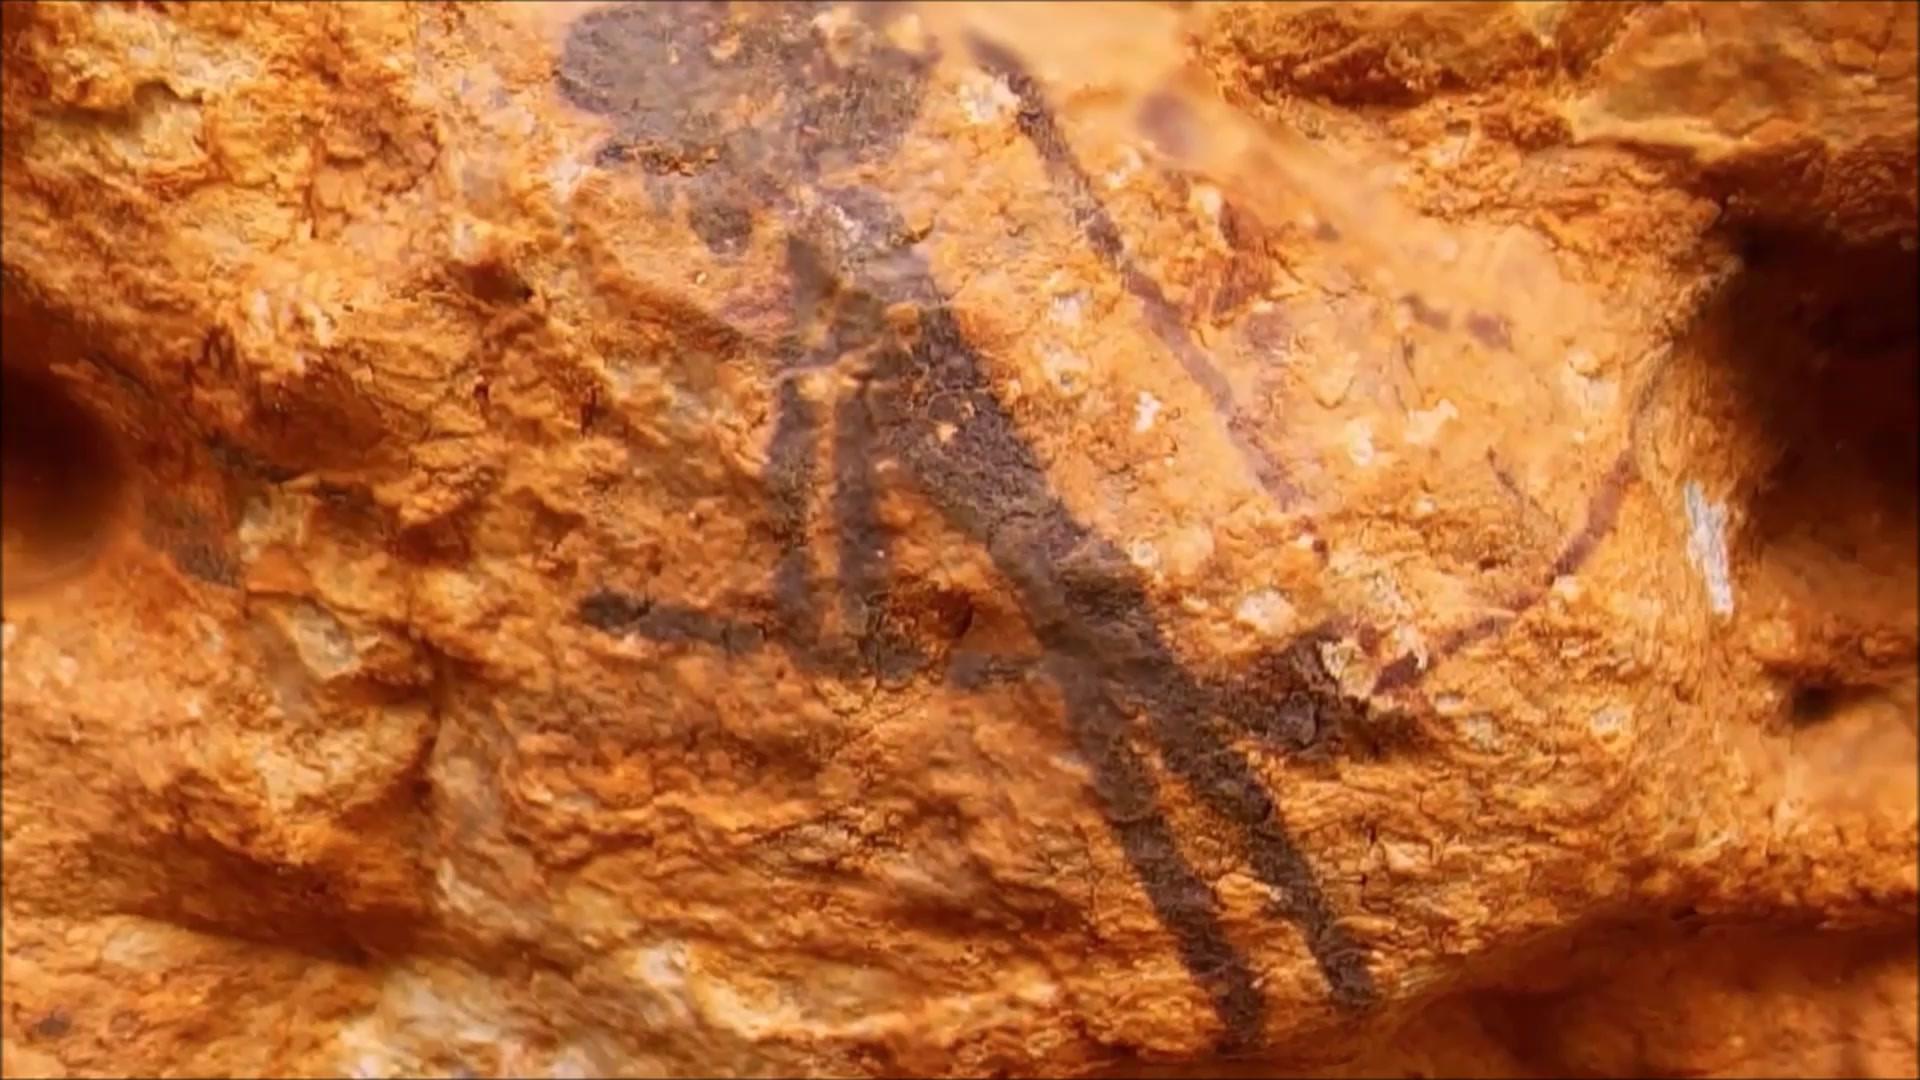 Pinturas rupestres 10.000 - 6.500 a.C.